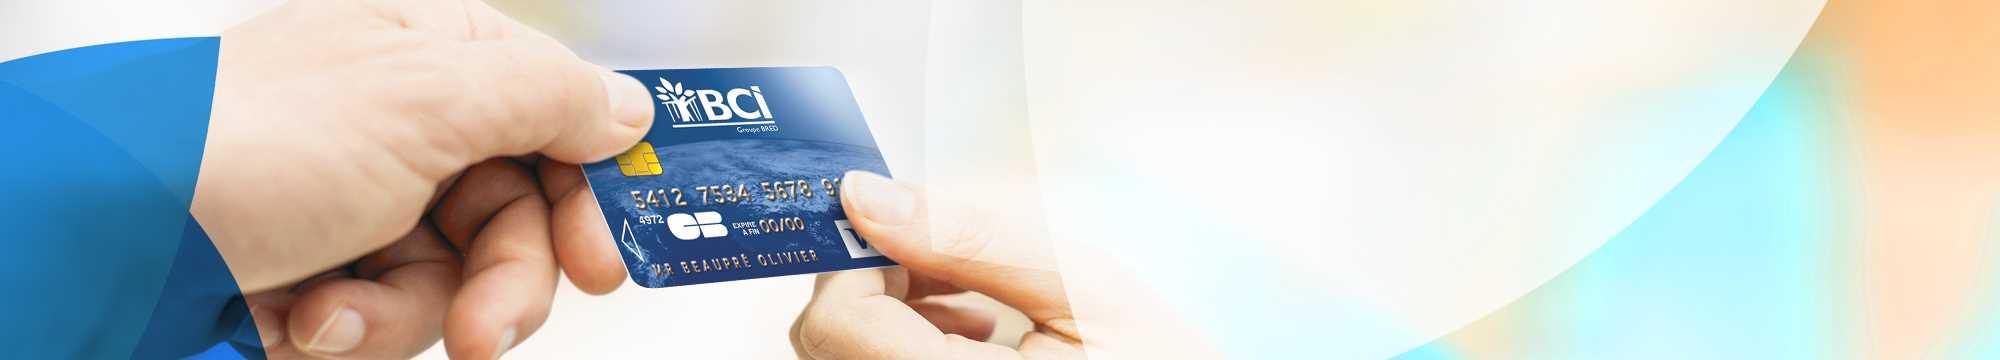 Carte American Express Bci.Comptes Cartes Et Services Bci Banque Caledonienne D